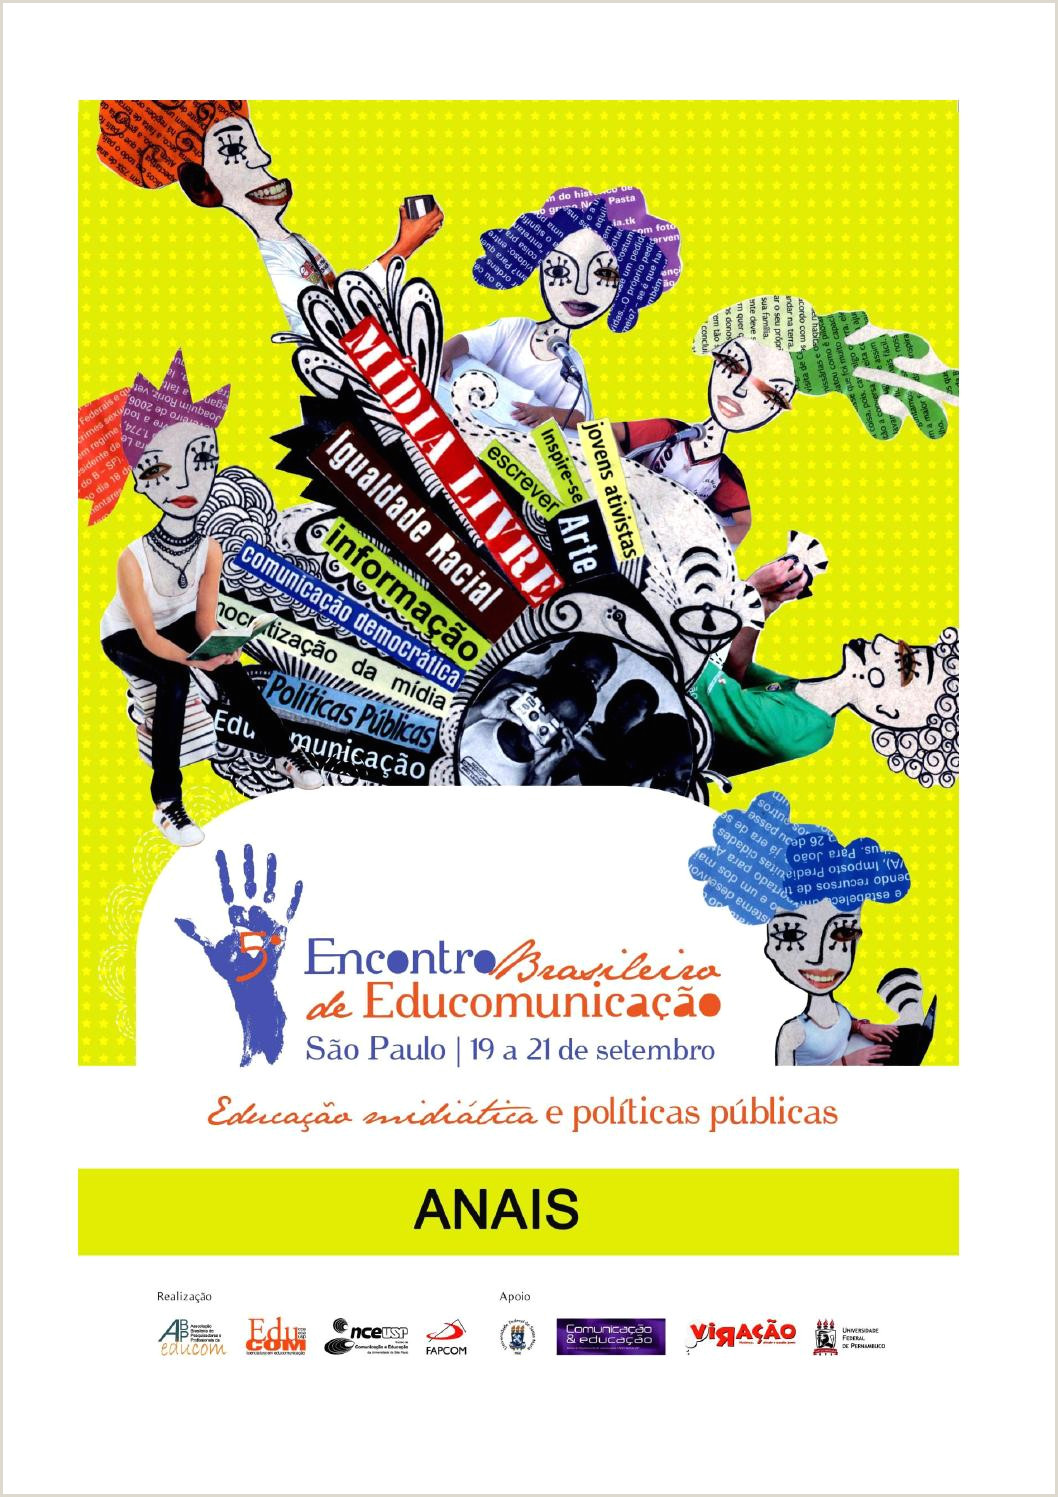 Anais v encontro edu unicacao abpedu 2014 by ABPEdu